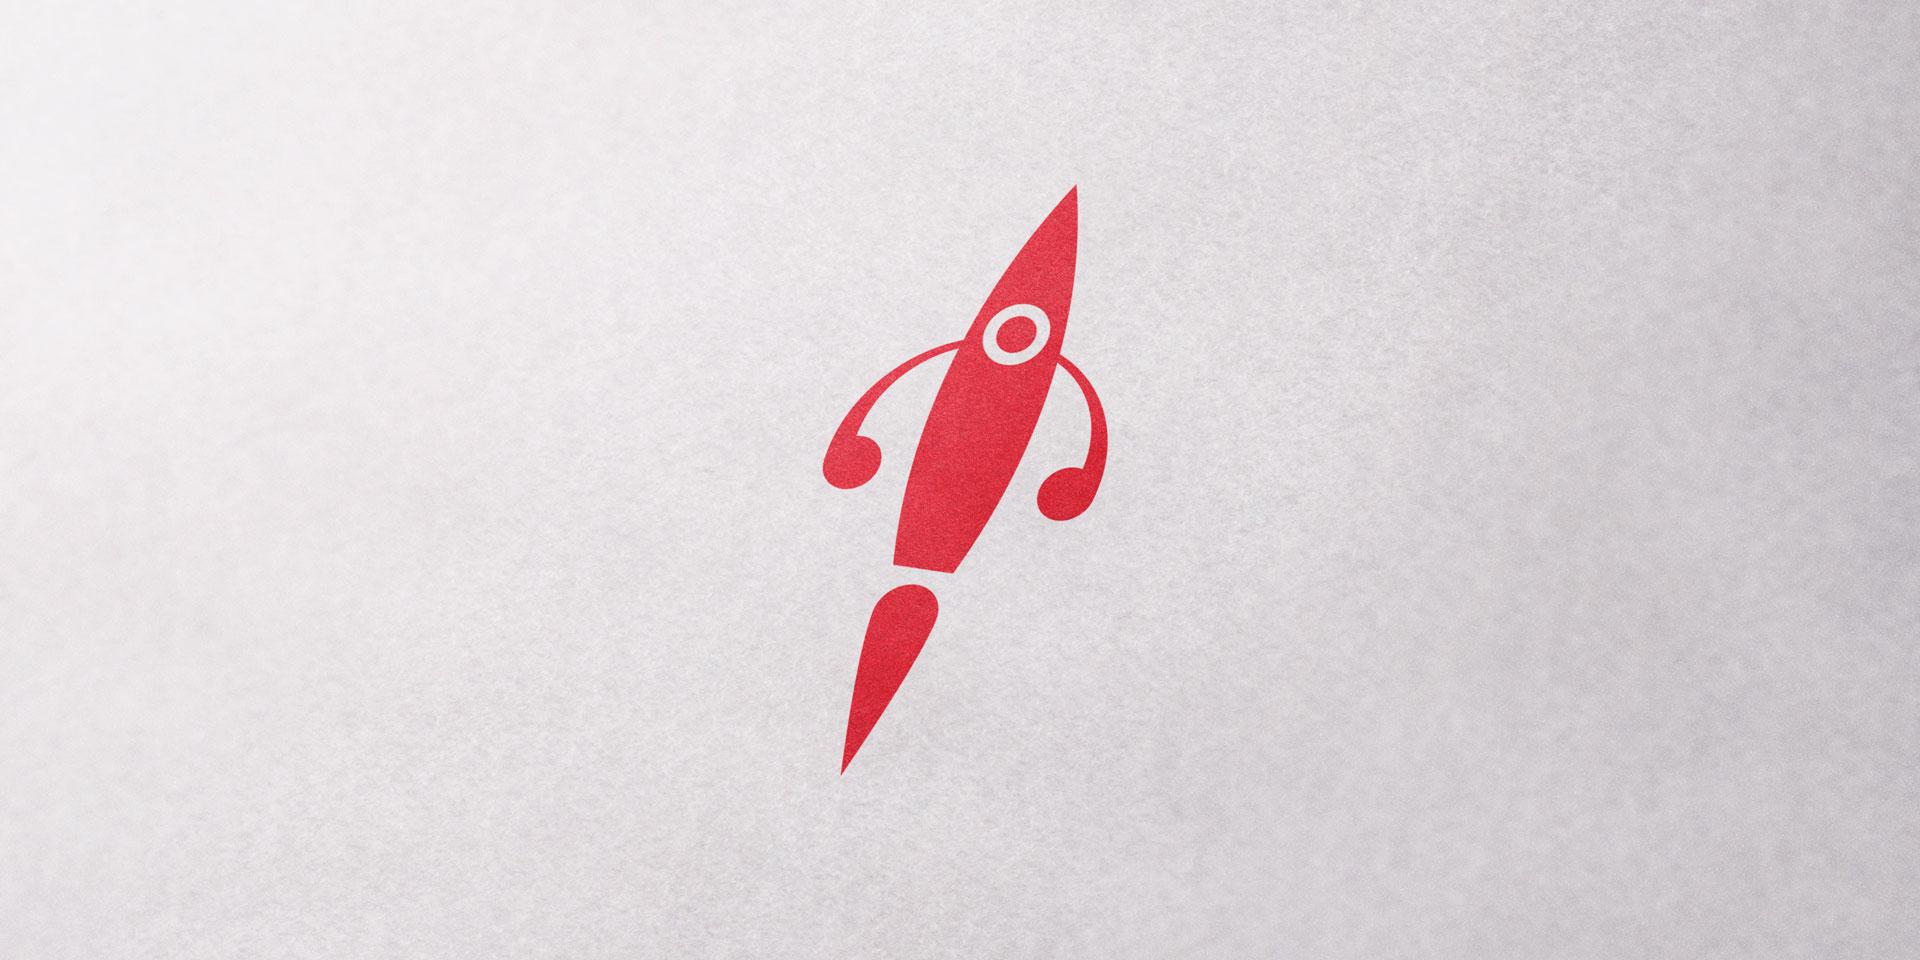 El logotipo de Inerzzia by Entrenadores Comerciales despega con fuerza